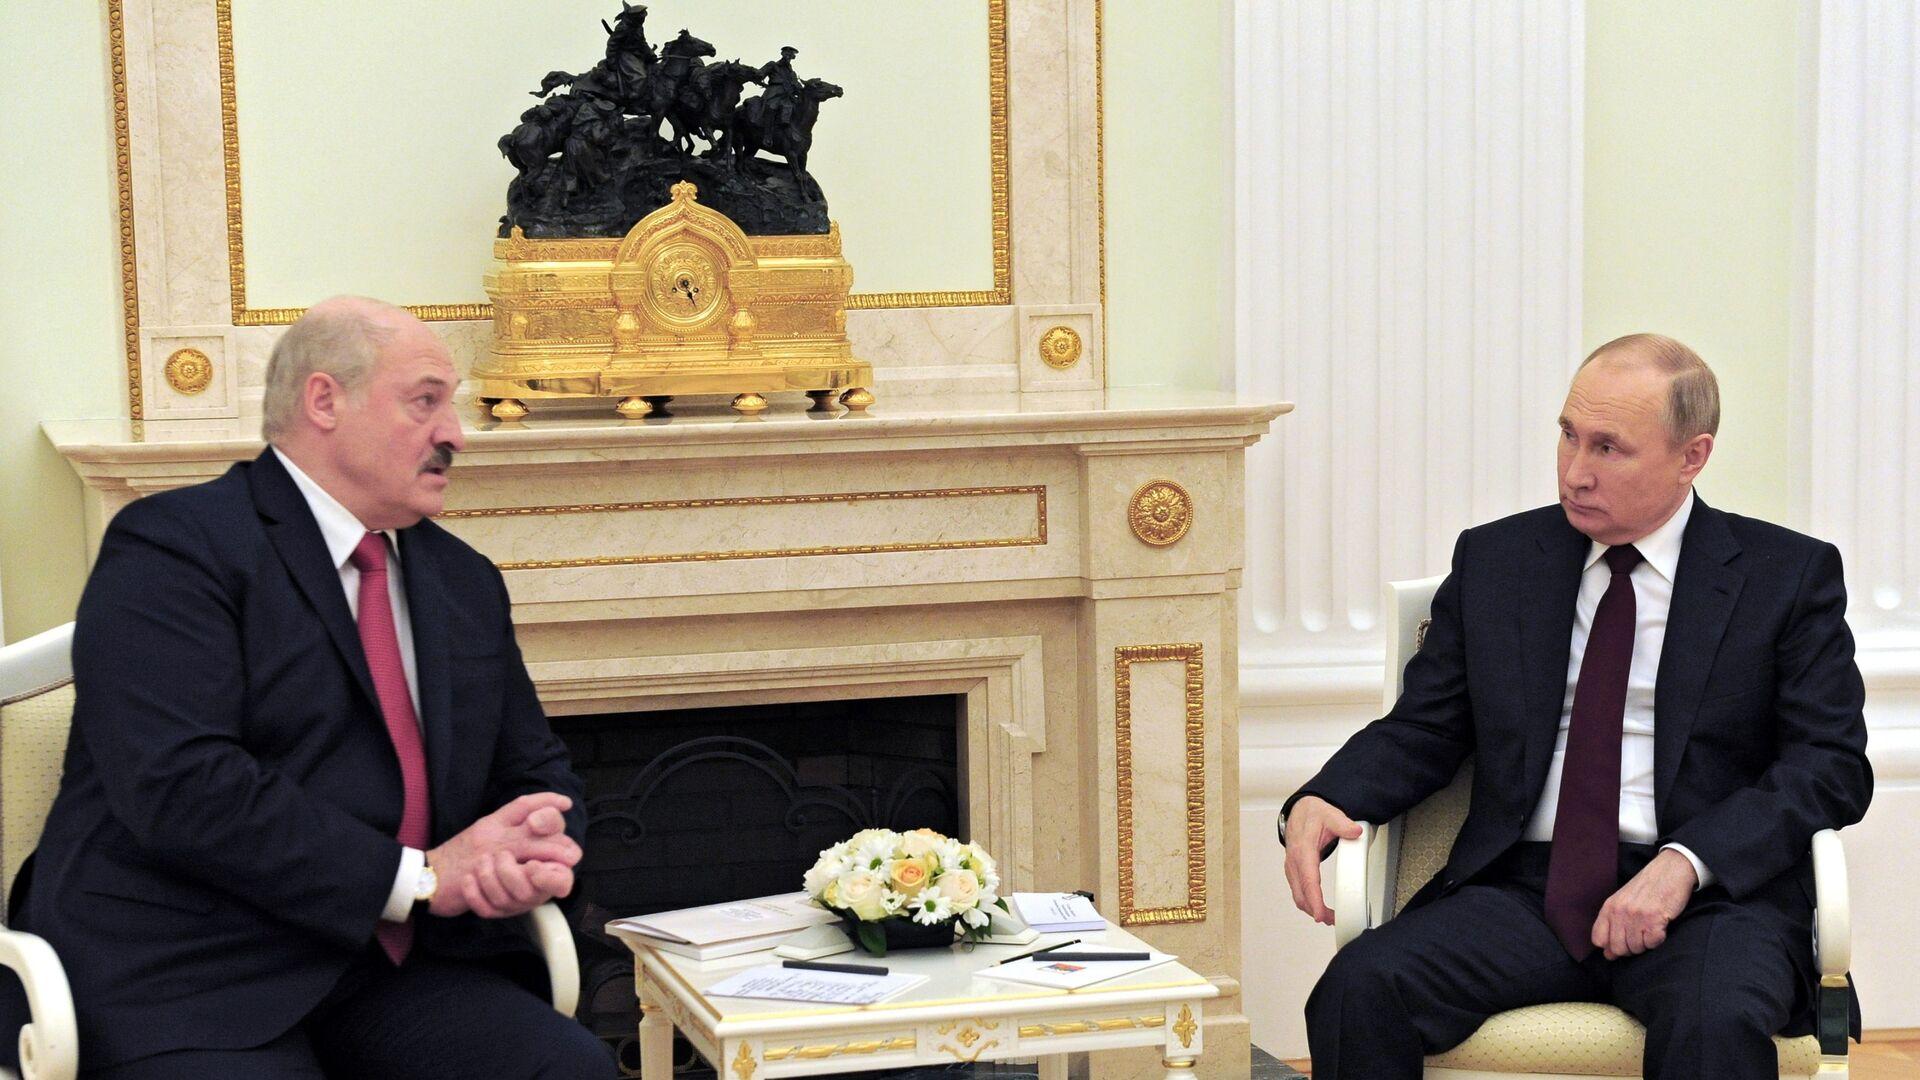 Президент РФ Владимир Путин и президент Беларуси Александр Лукашенко - Sputnik Беларусь, 1920, 22.04.2021